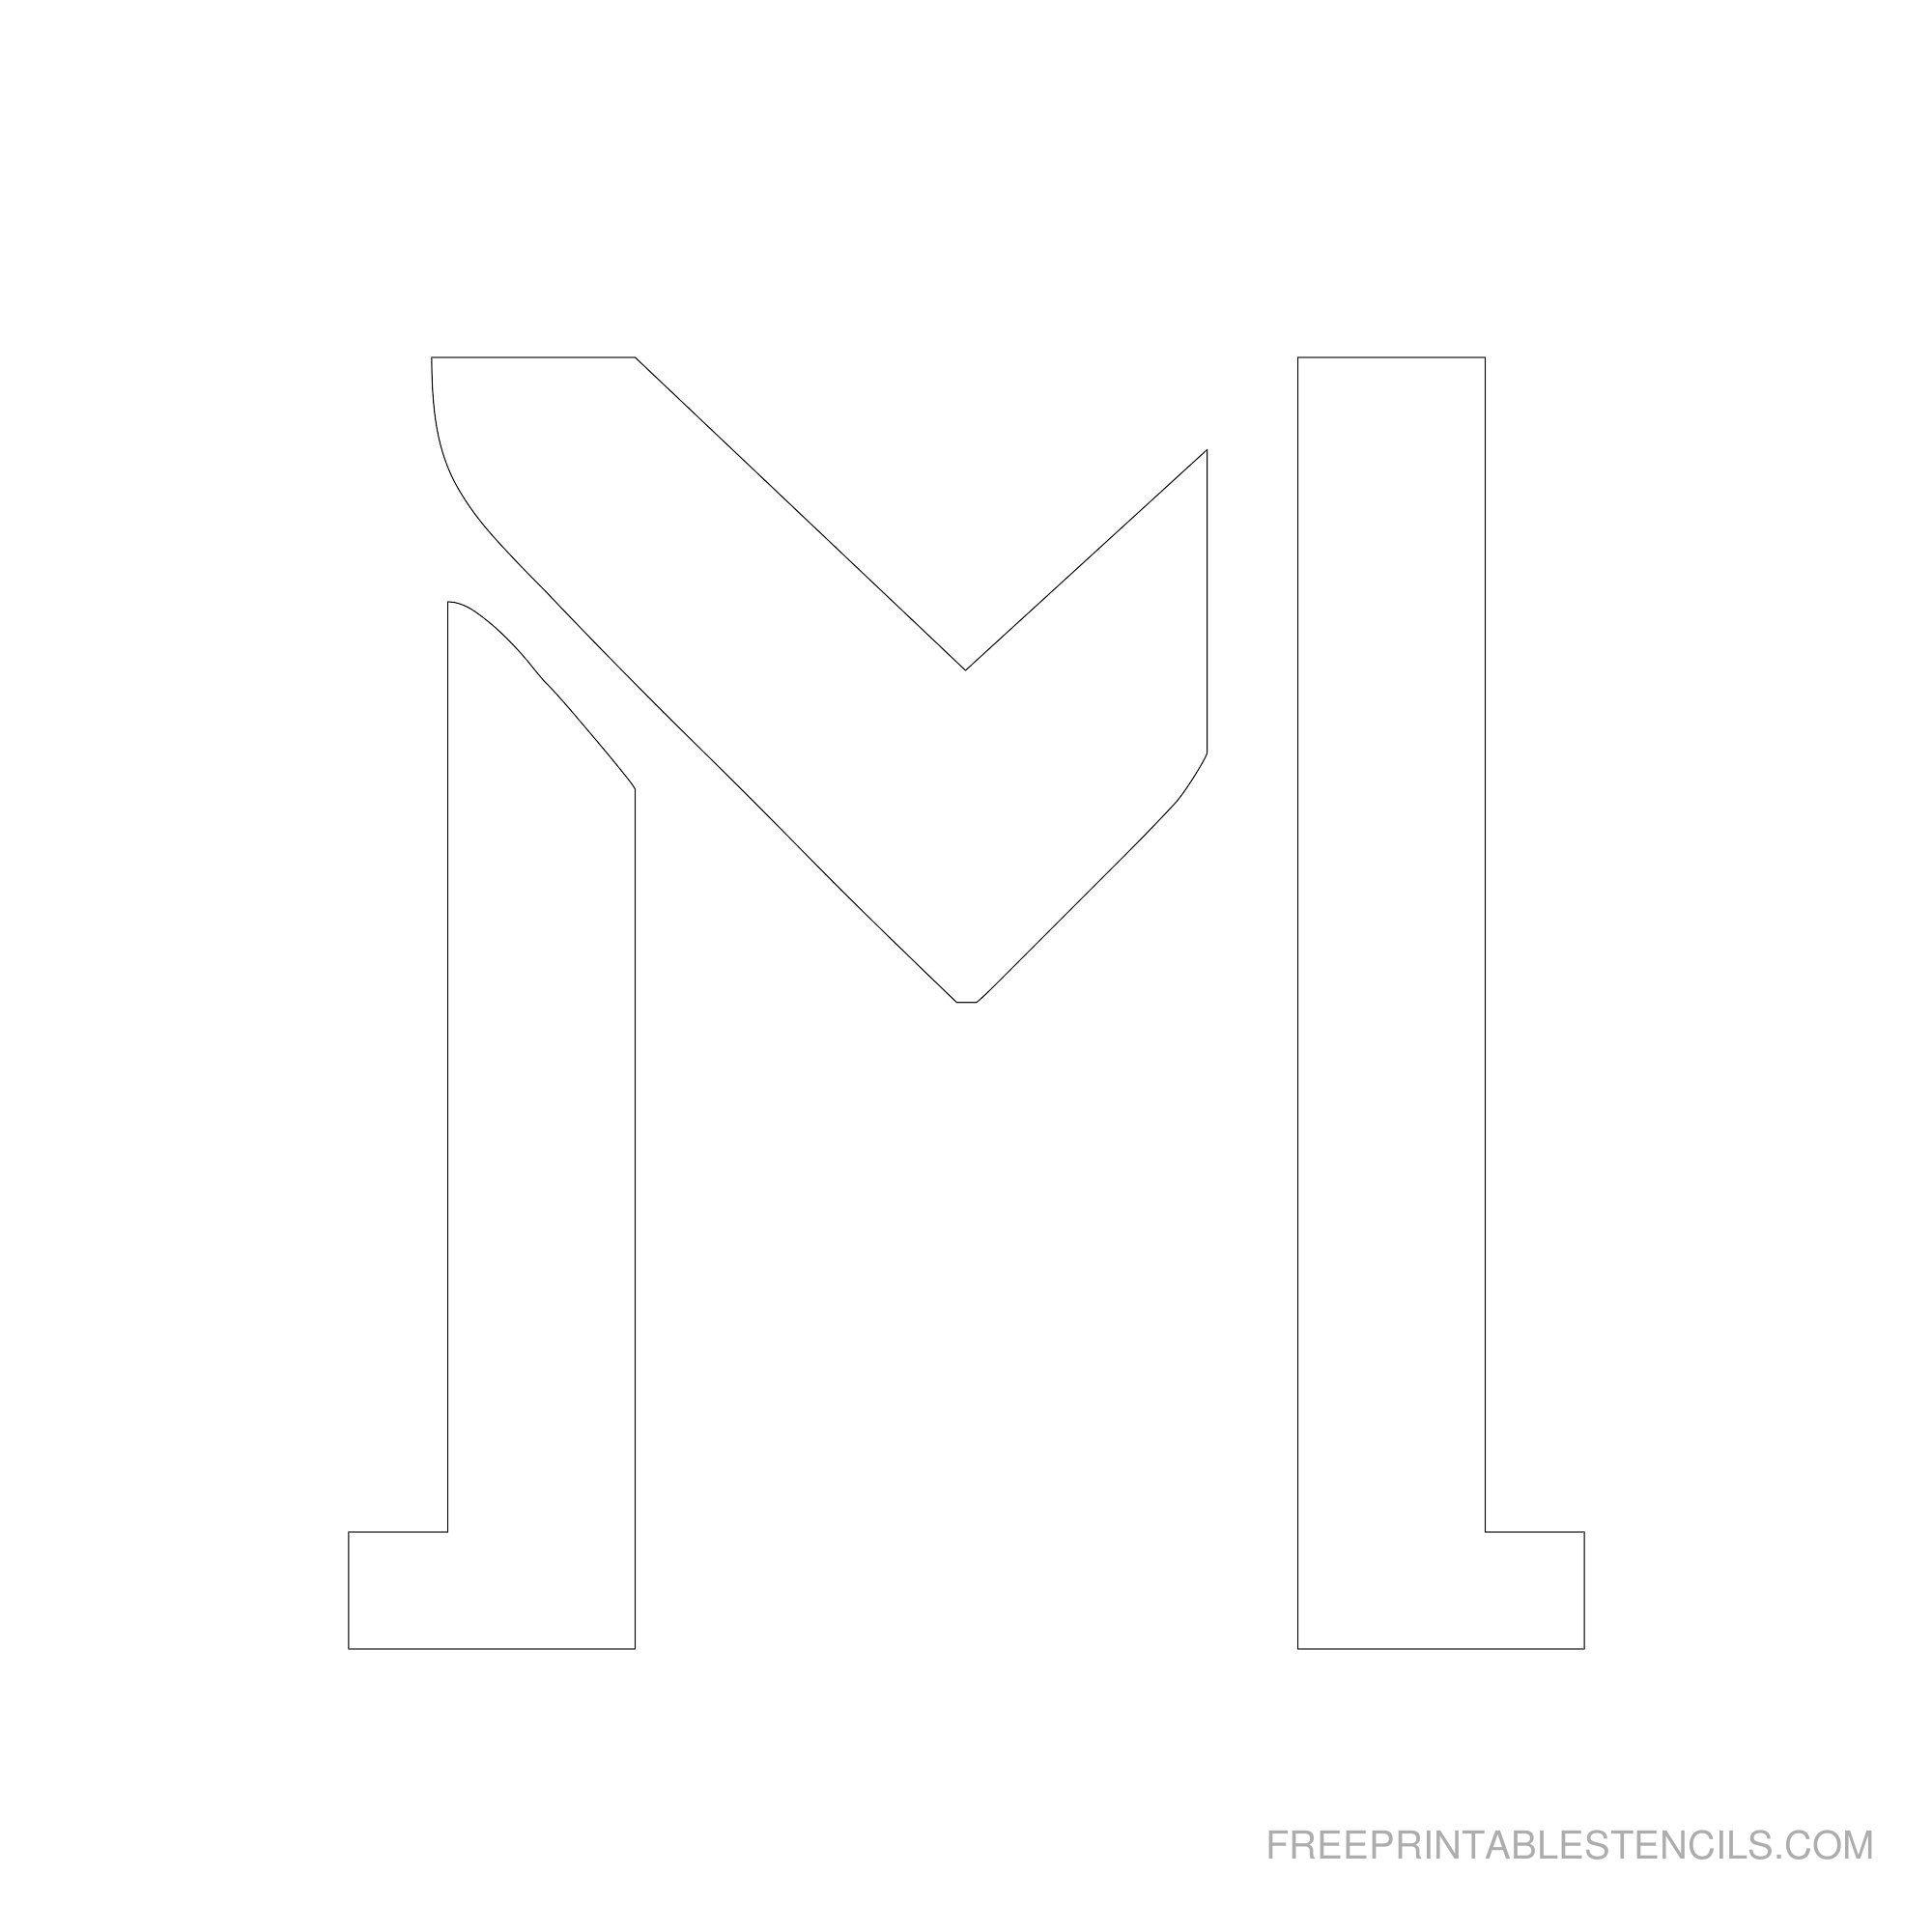 Free Printable Stencils Printable  Inch Letter Stencil M  Aj